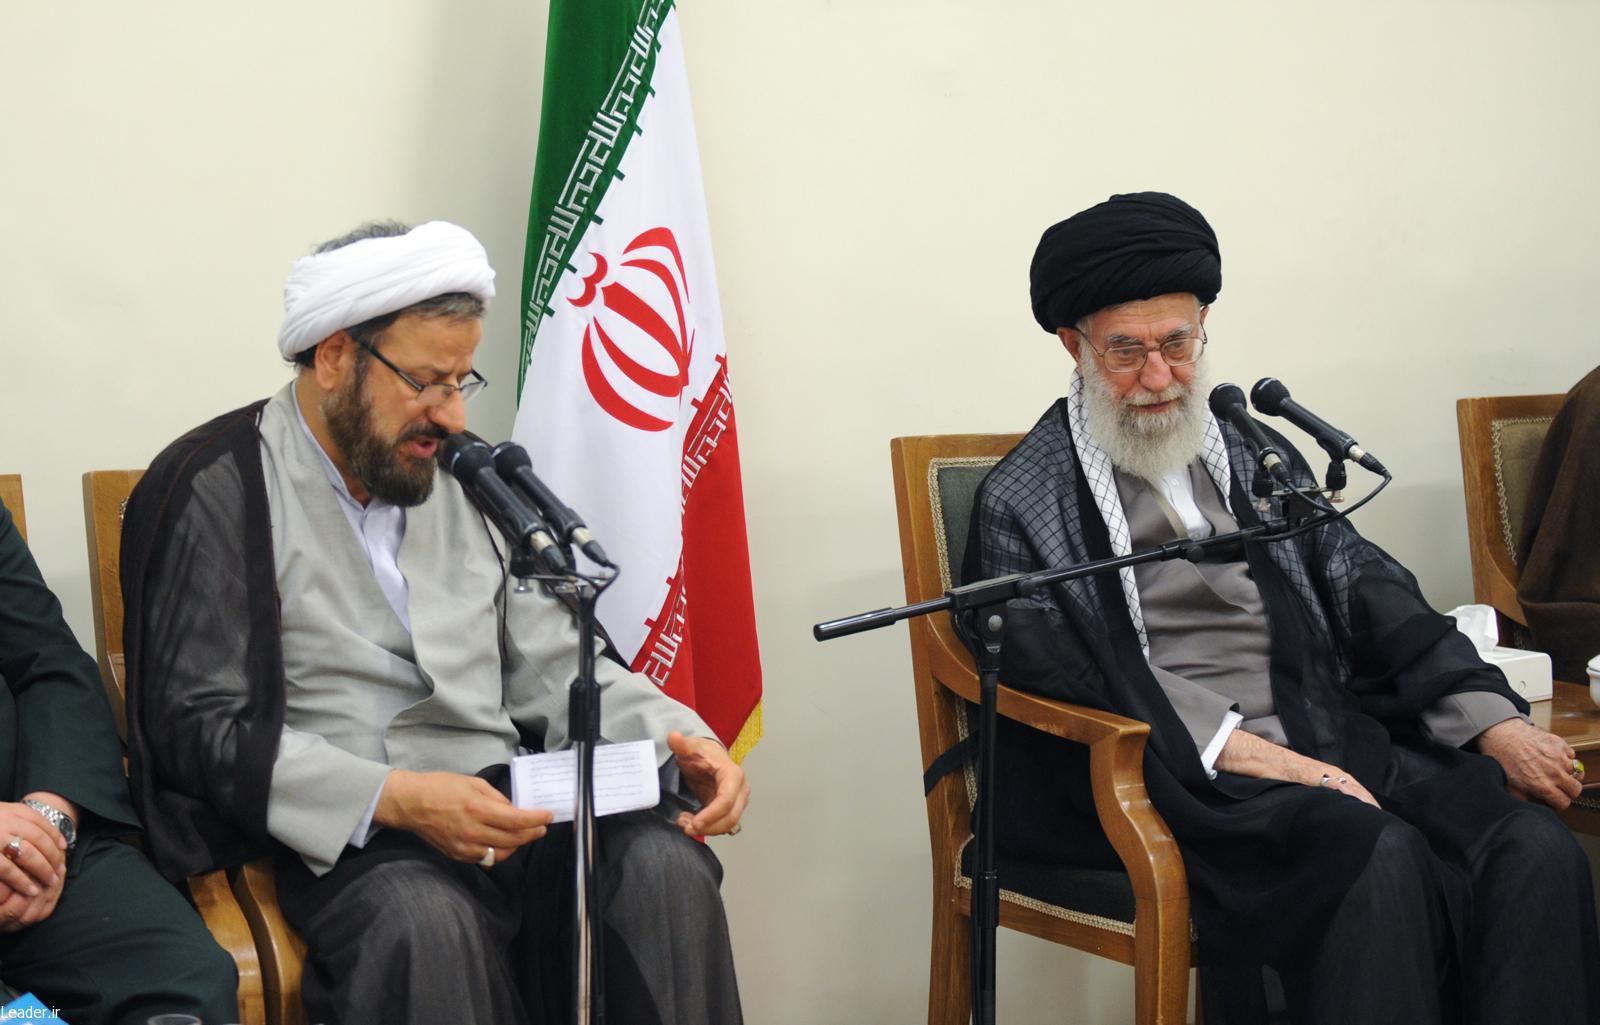 بیانات رهبر معظم انقلاب اسلامی در دیدار اعضاي ستاد جشنواره شعر حوزه